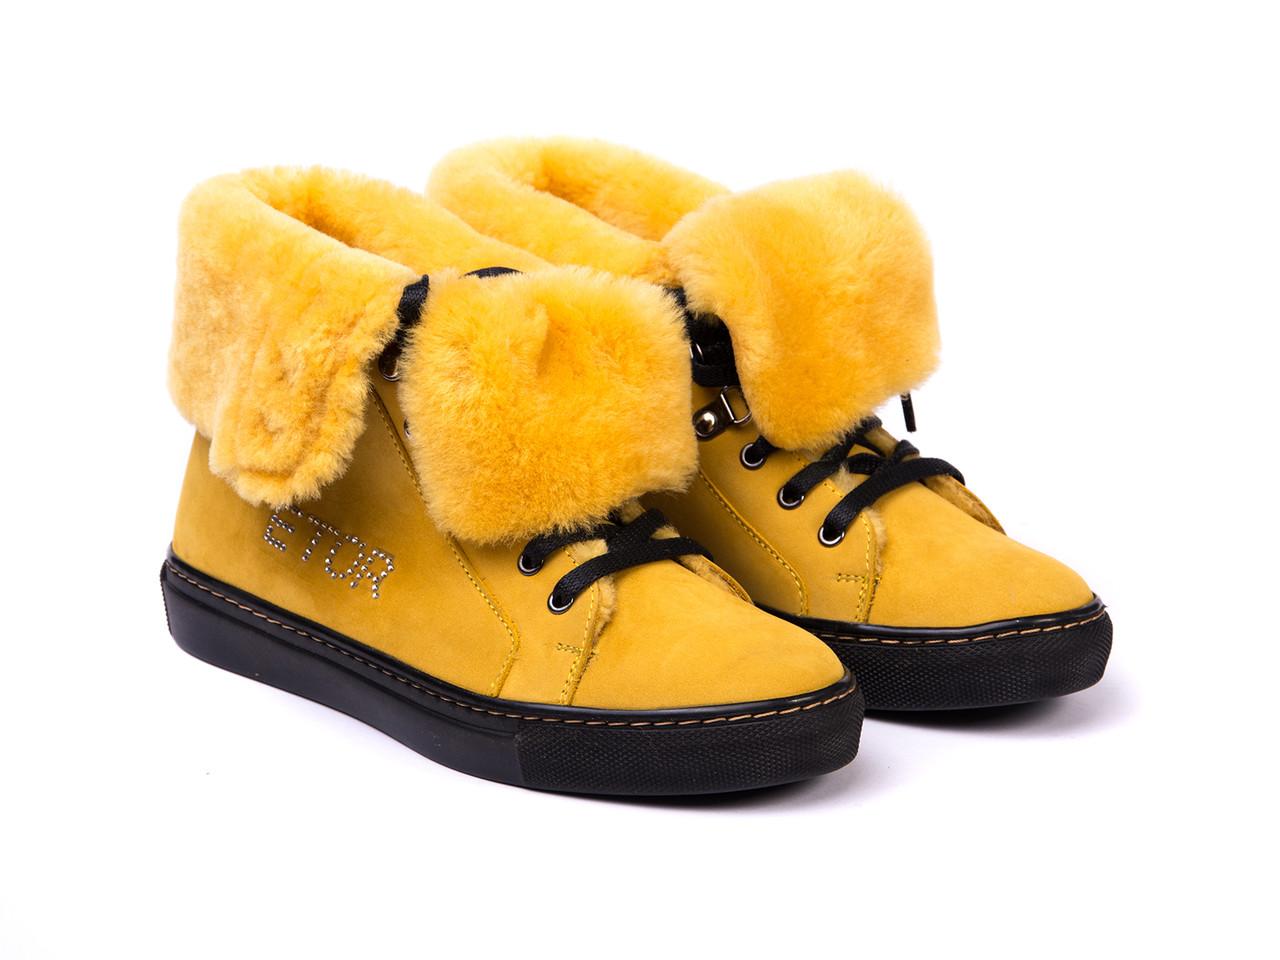 Ботинки Etor 4690-7165-709 желтые